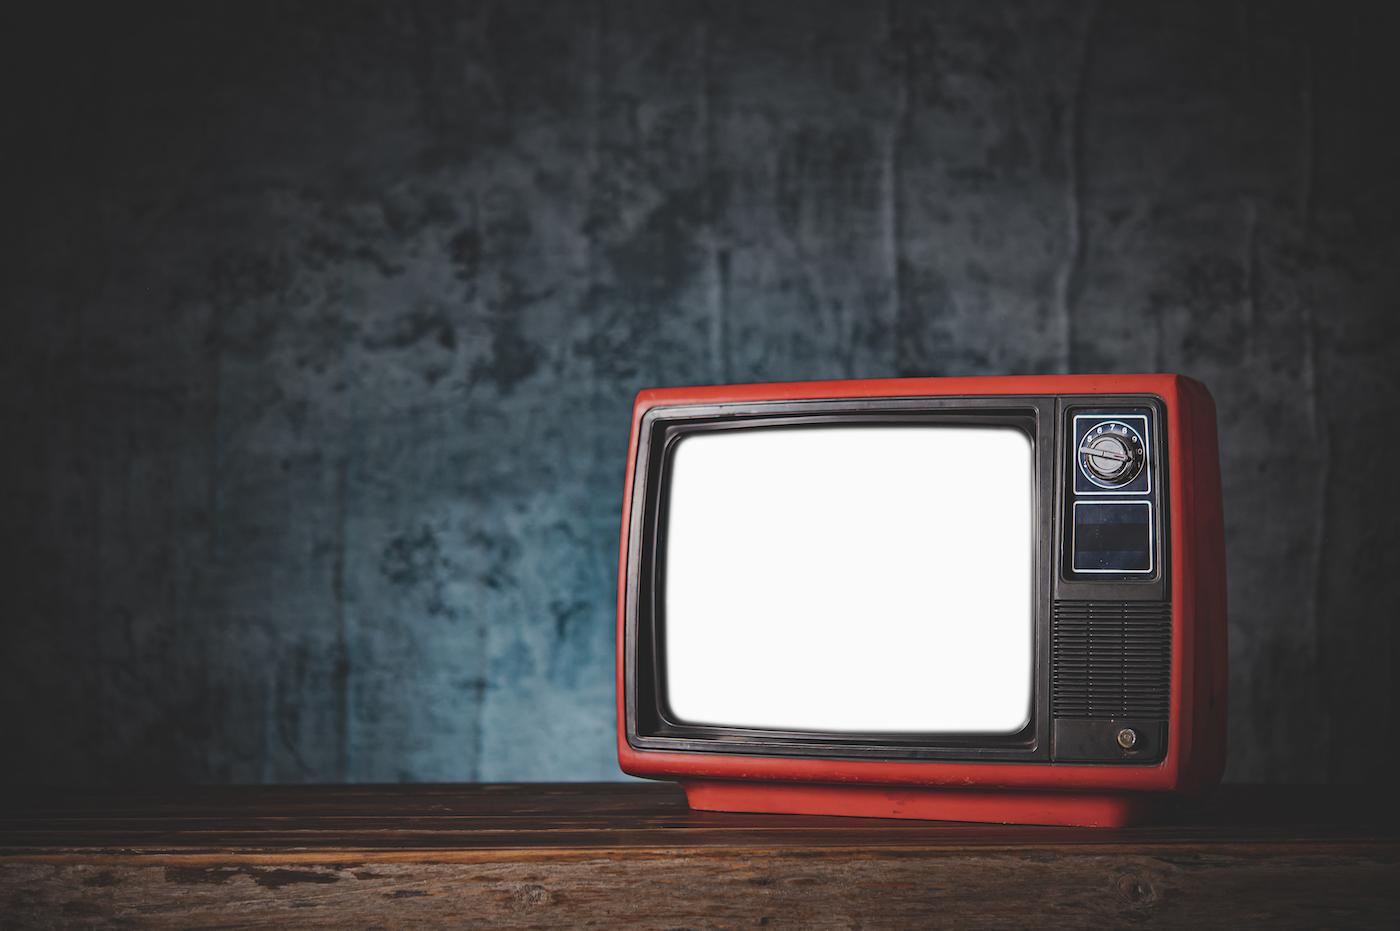 populer dizi entourage yapimcisi kripto varlik konulu tv sovunu hazirliyor